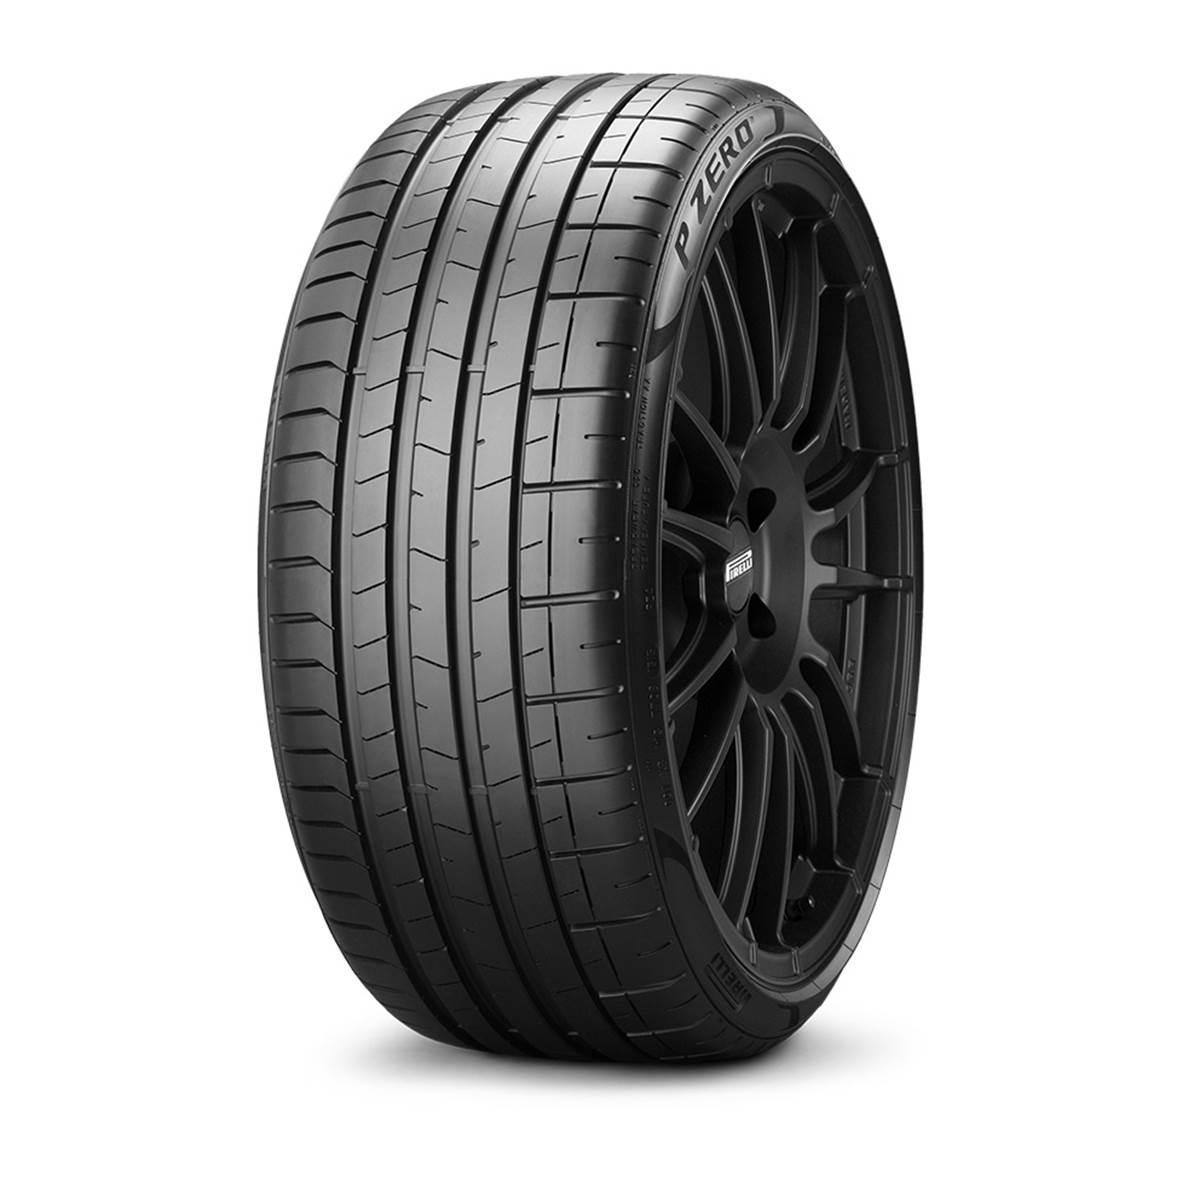 Pneu Pirelli 255/30R19 91Y Pzero XL